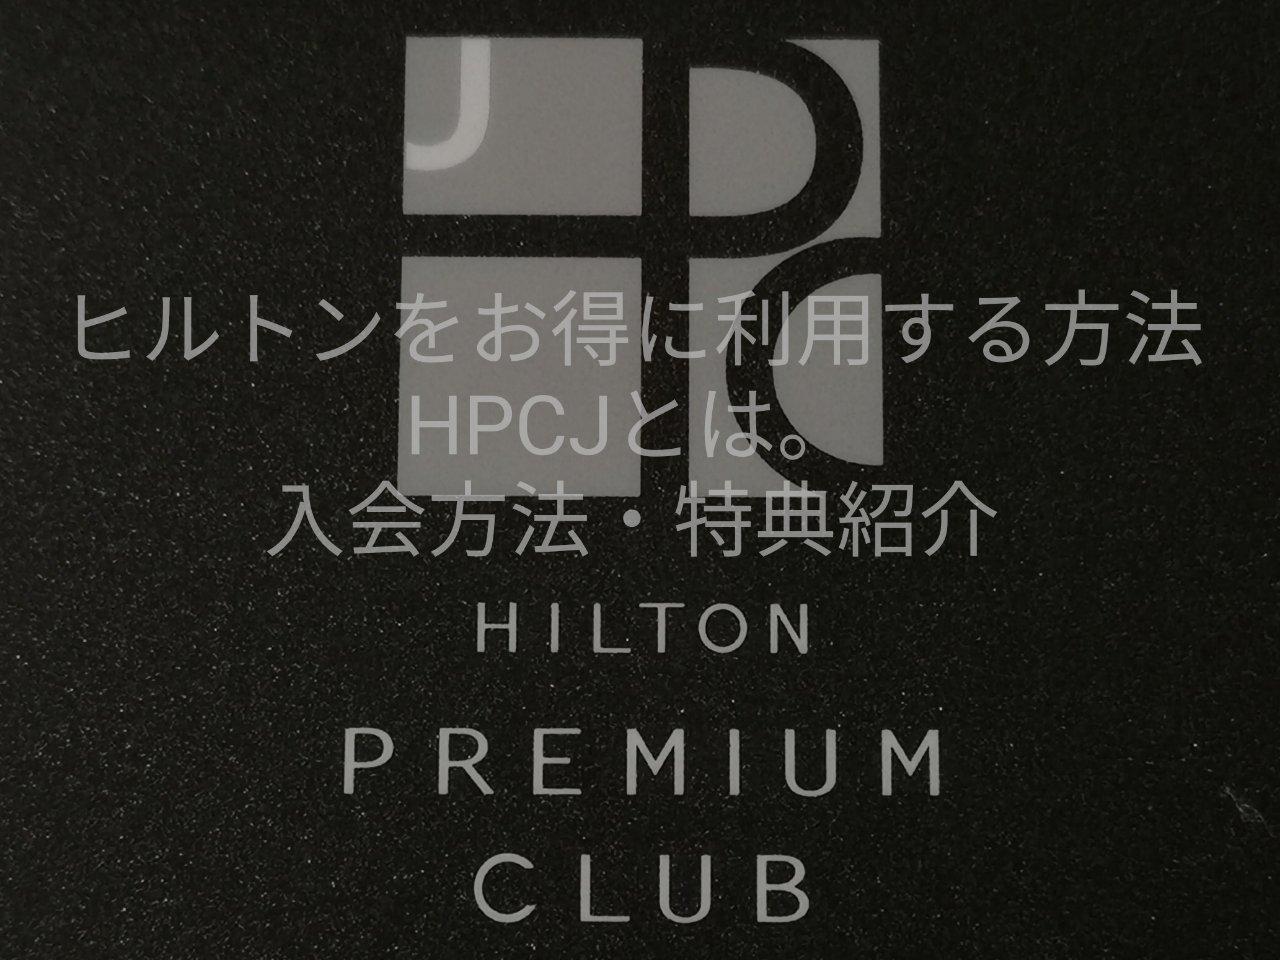 HPCJ紹介アイキャッチ